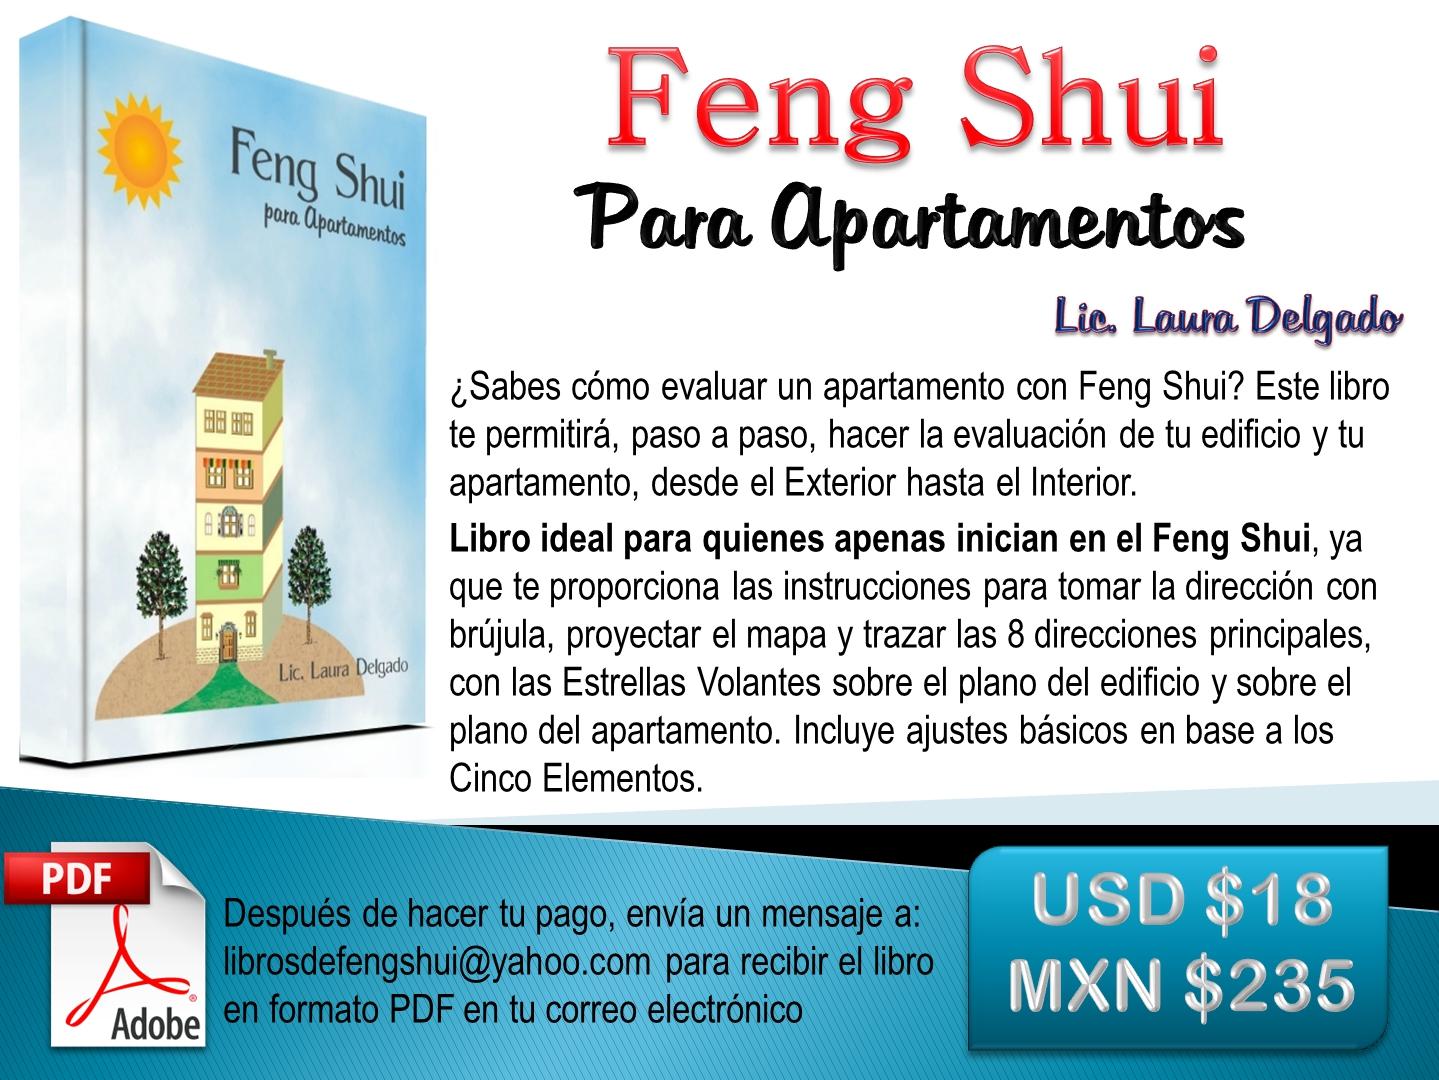 Libros feng shui para apartamentos cinco elementos - Libros feng shui ...